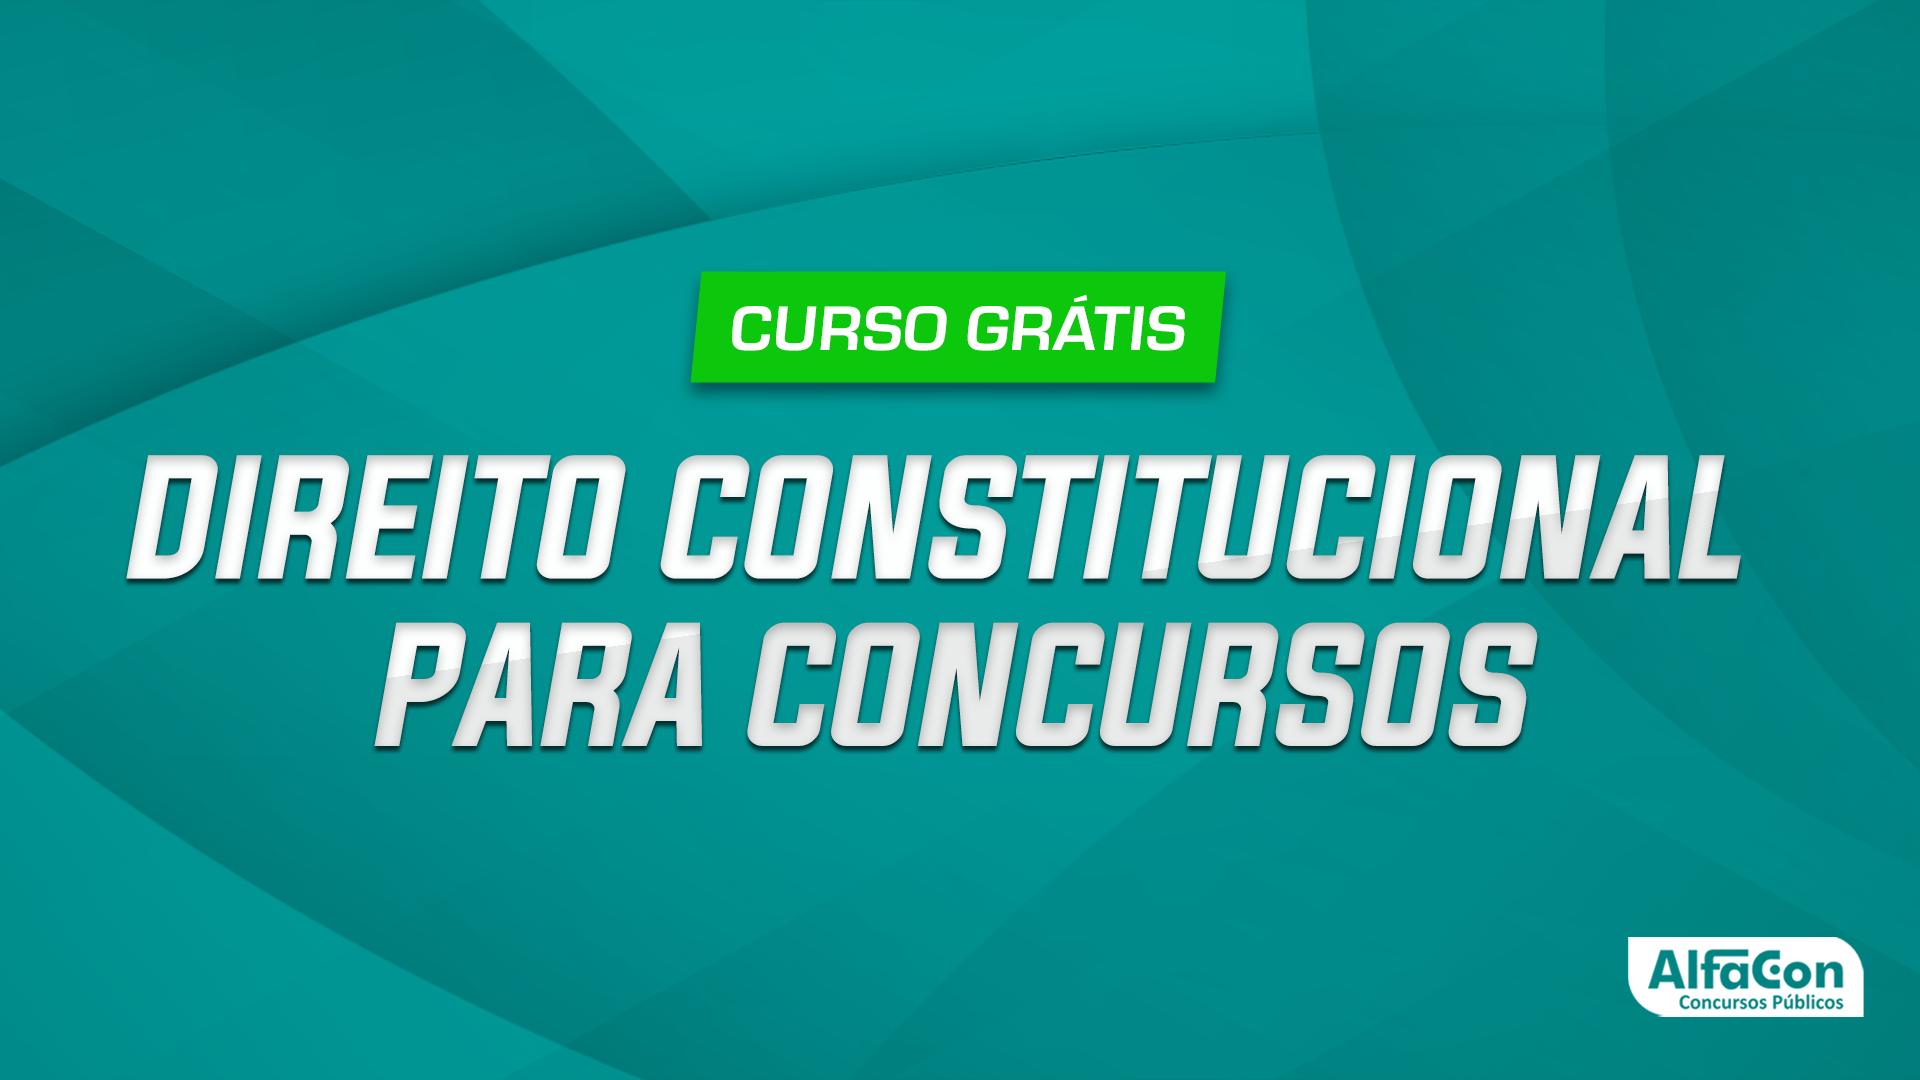 Direito Constitucional-FREE